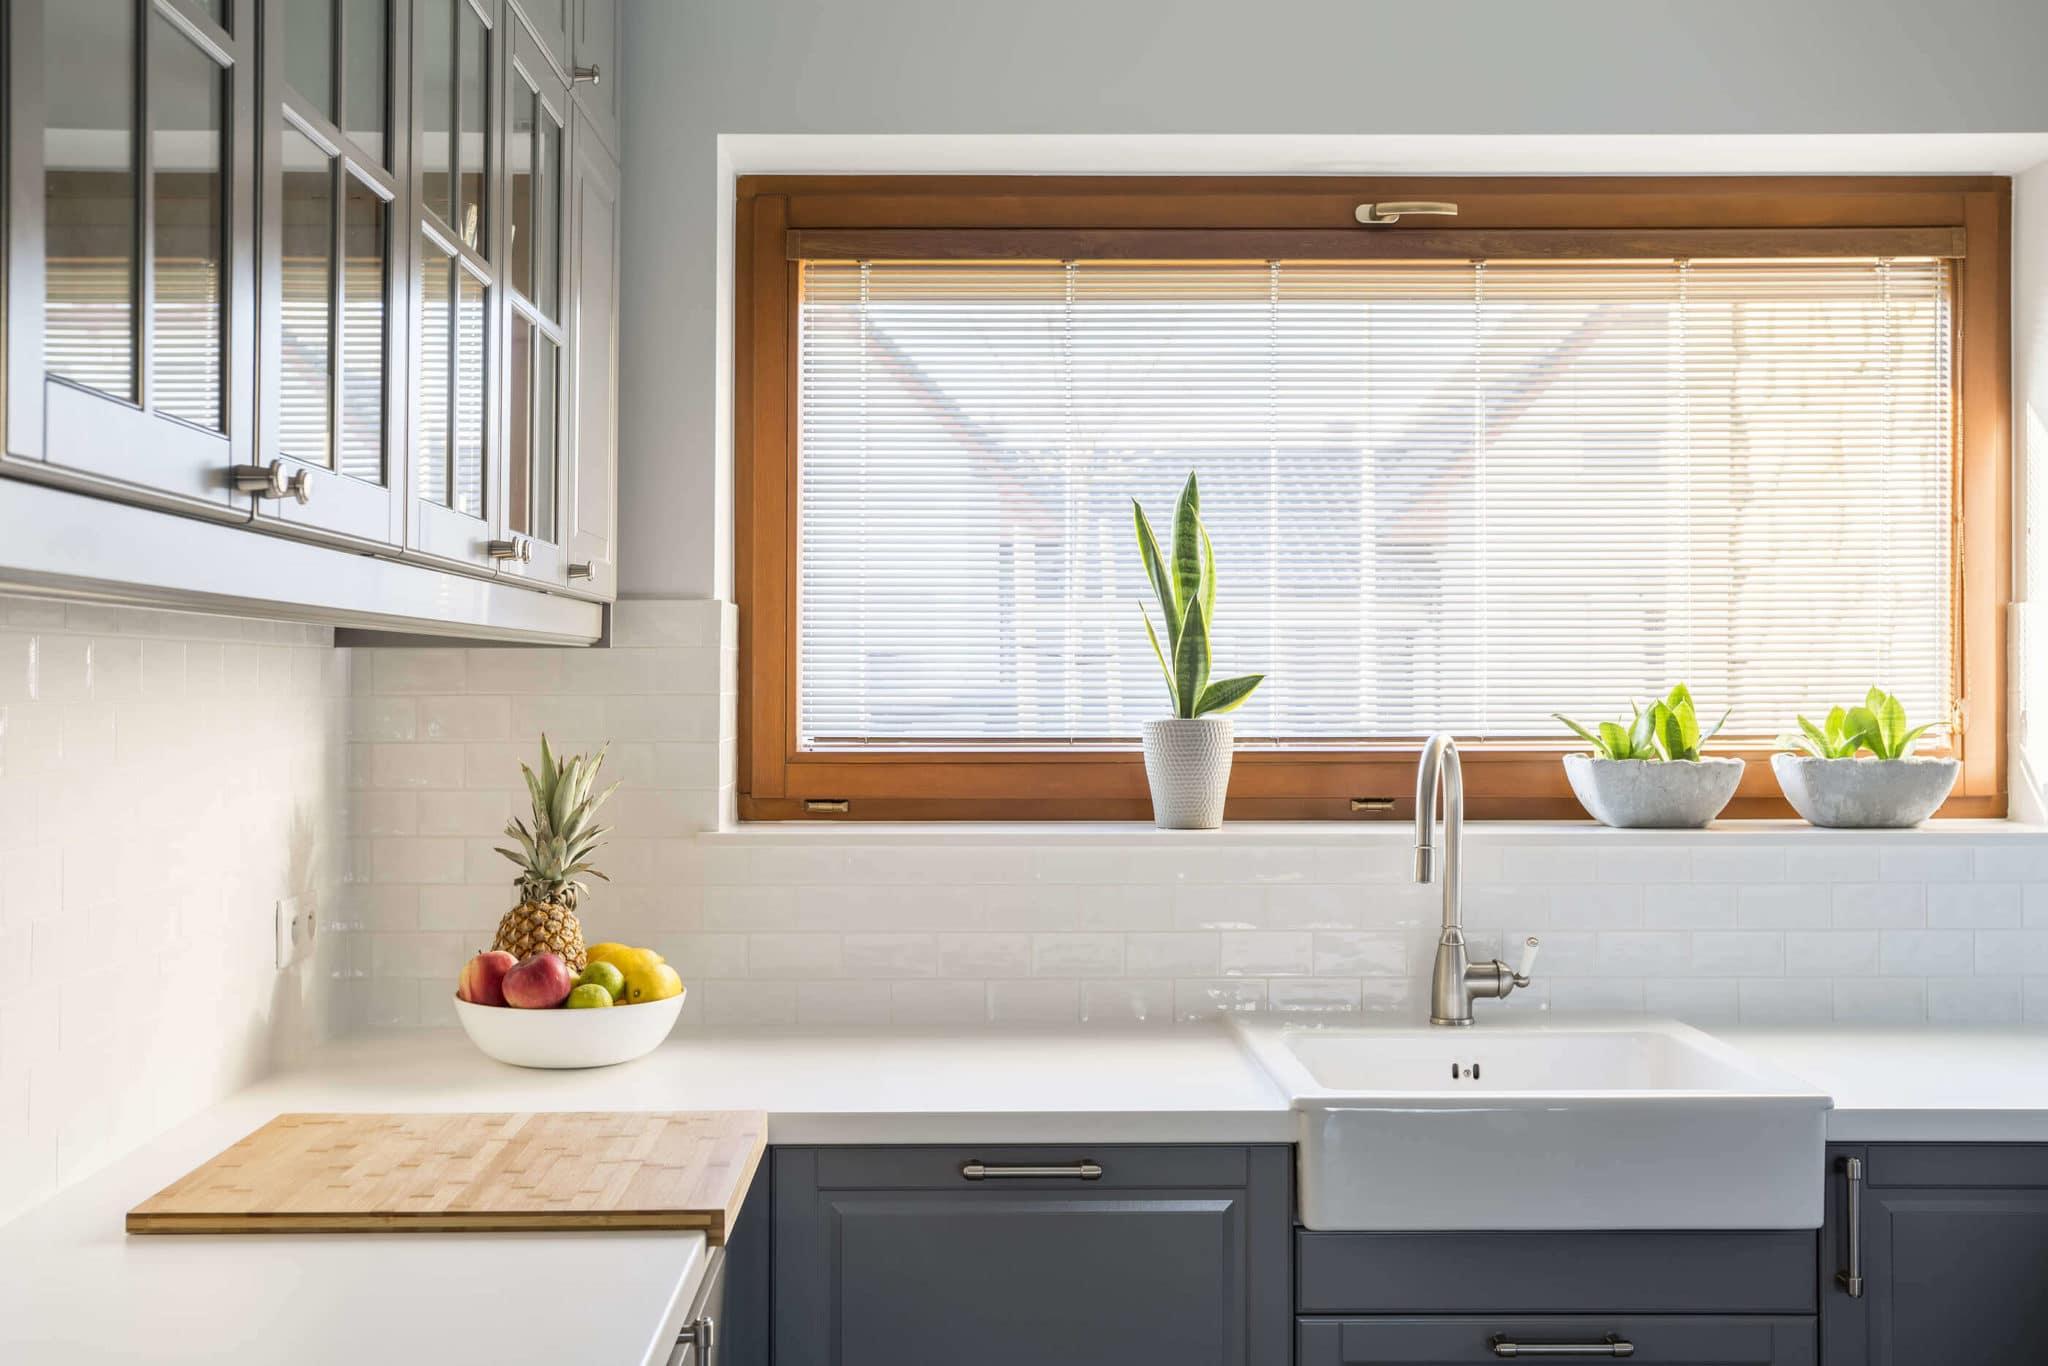 Encimera de cocina con ventana luminosa - como limpiar la encimera de cocina